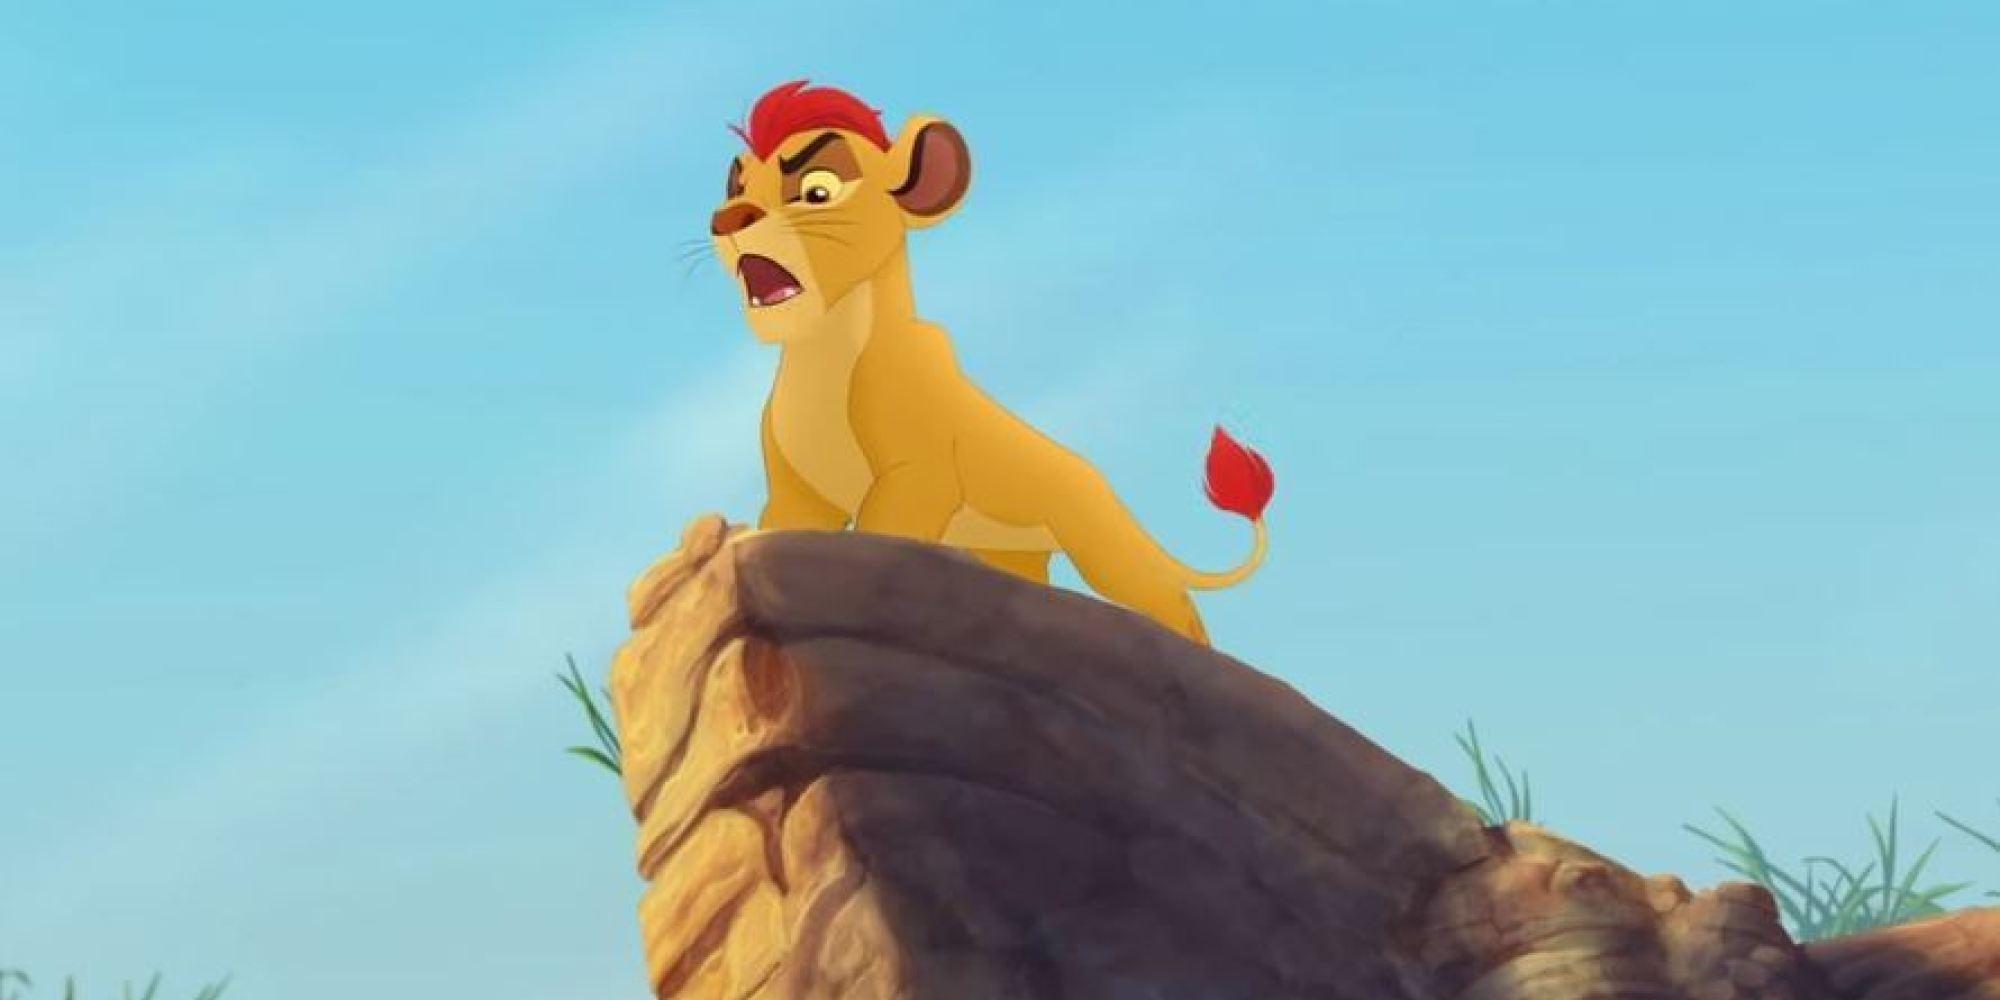 Vid o le roi lion de retour dans une s rie anim e - Animaux du roi lion ...